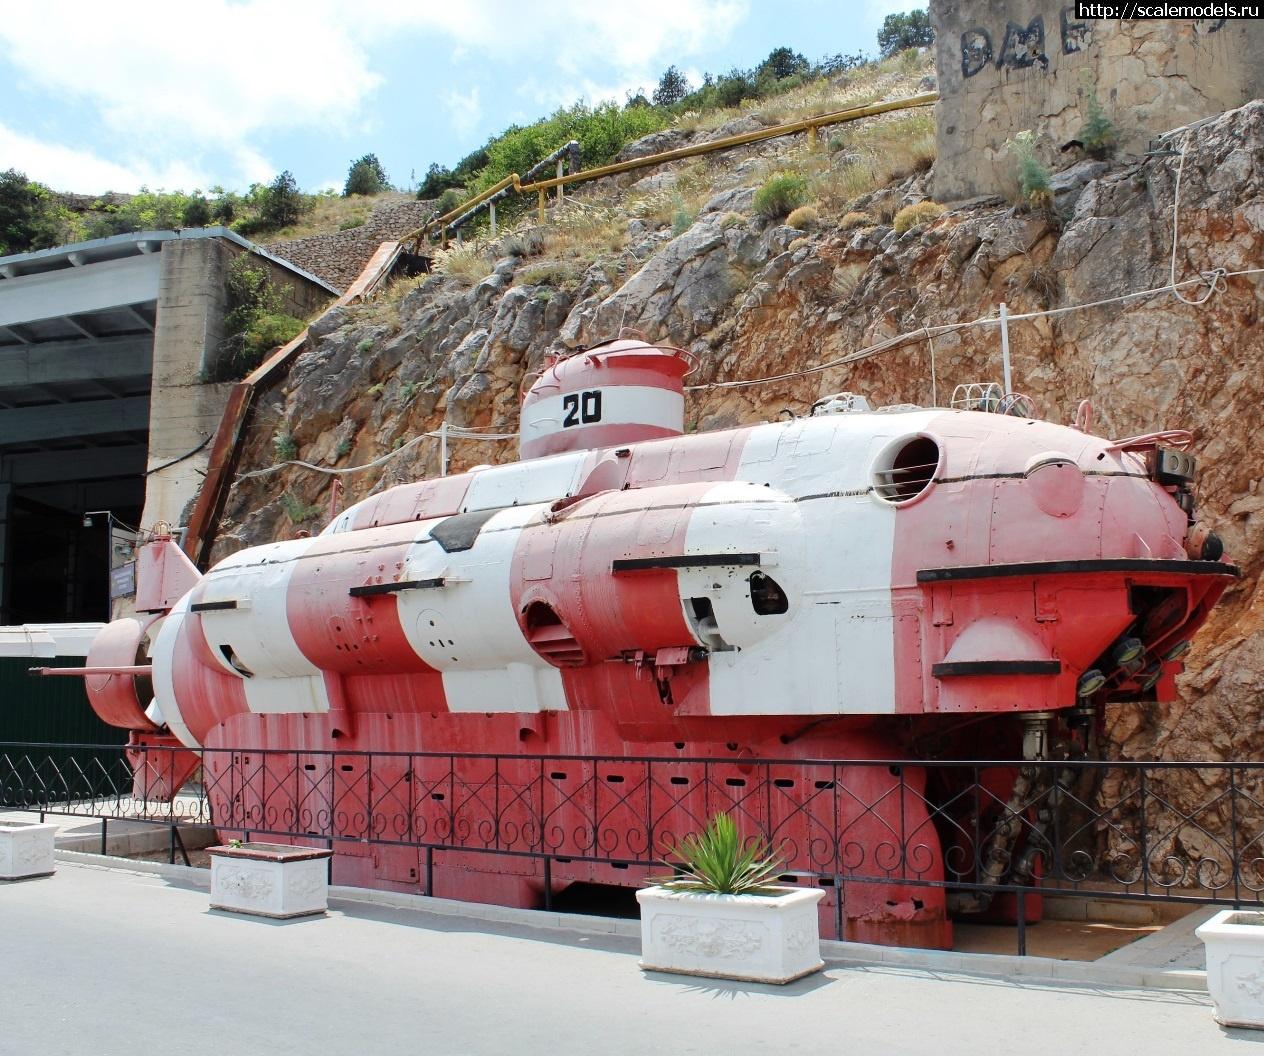 Walkaround АРС АС-20, Балаклавский подземный музейный комплекс, Балаклава, Крым, Россия Закрыть окно